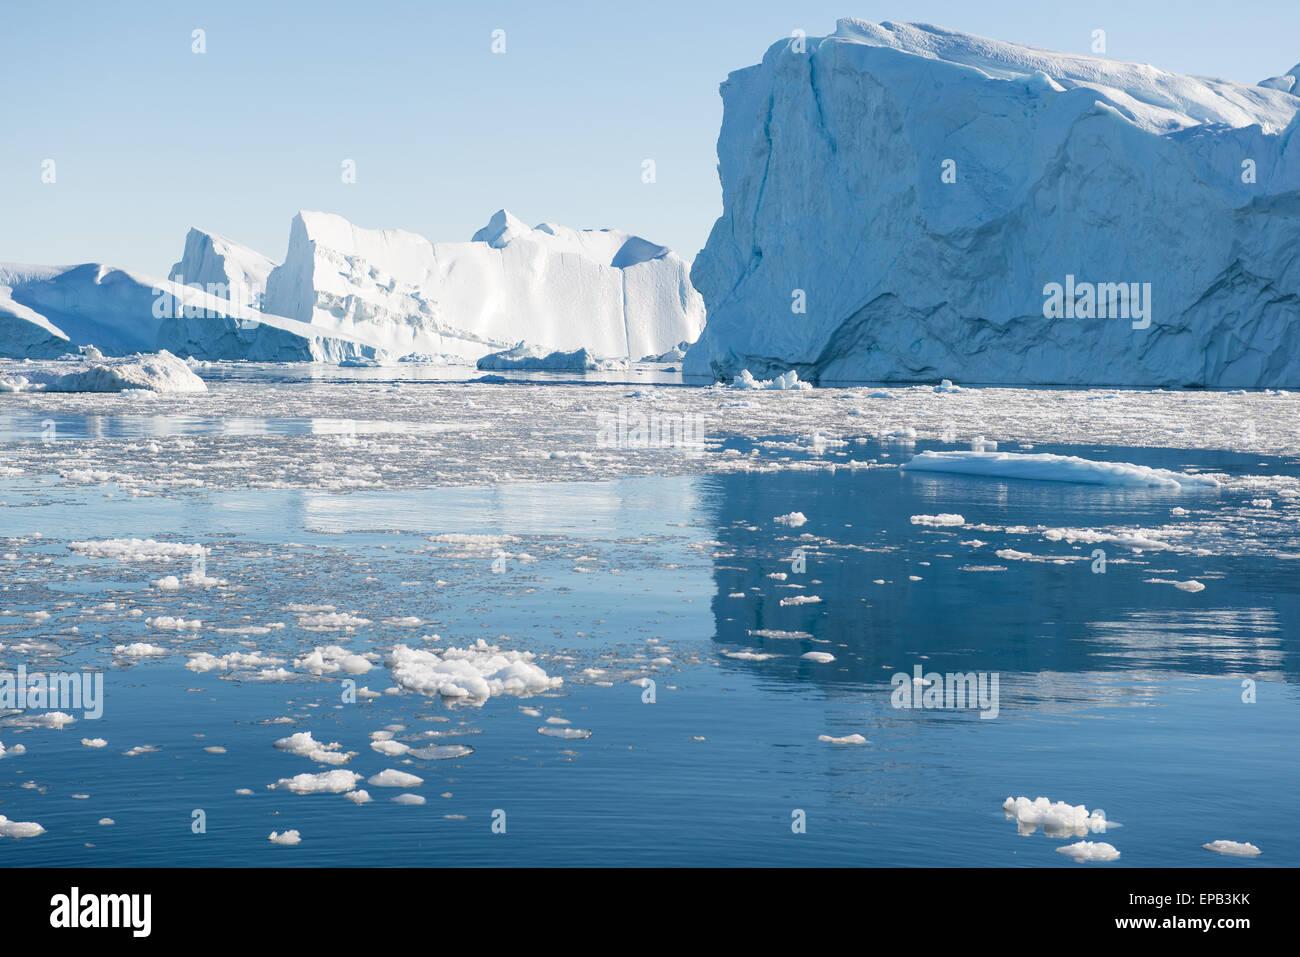 Beaux icebergs dans la baie de Disko Groenland ilulissat autour avec ciel bleu Photo Stock